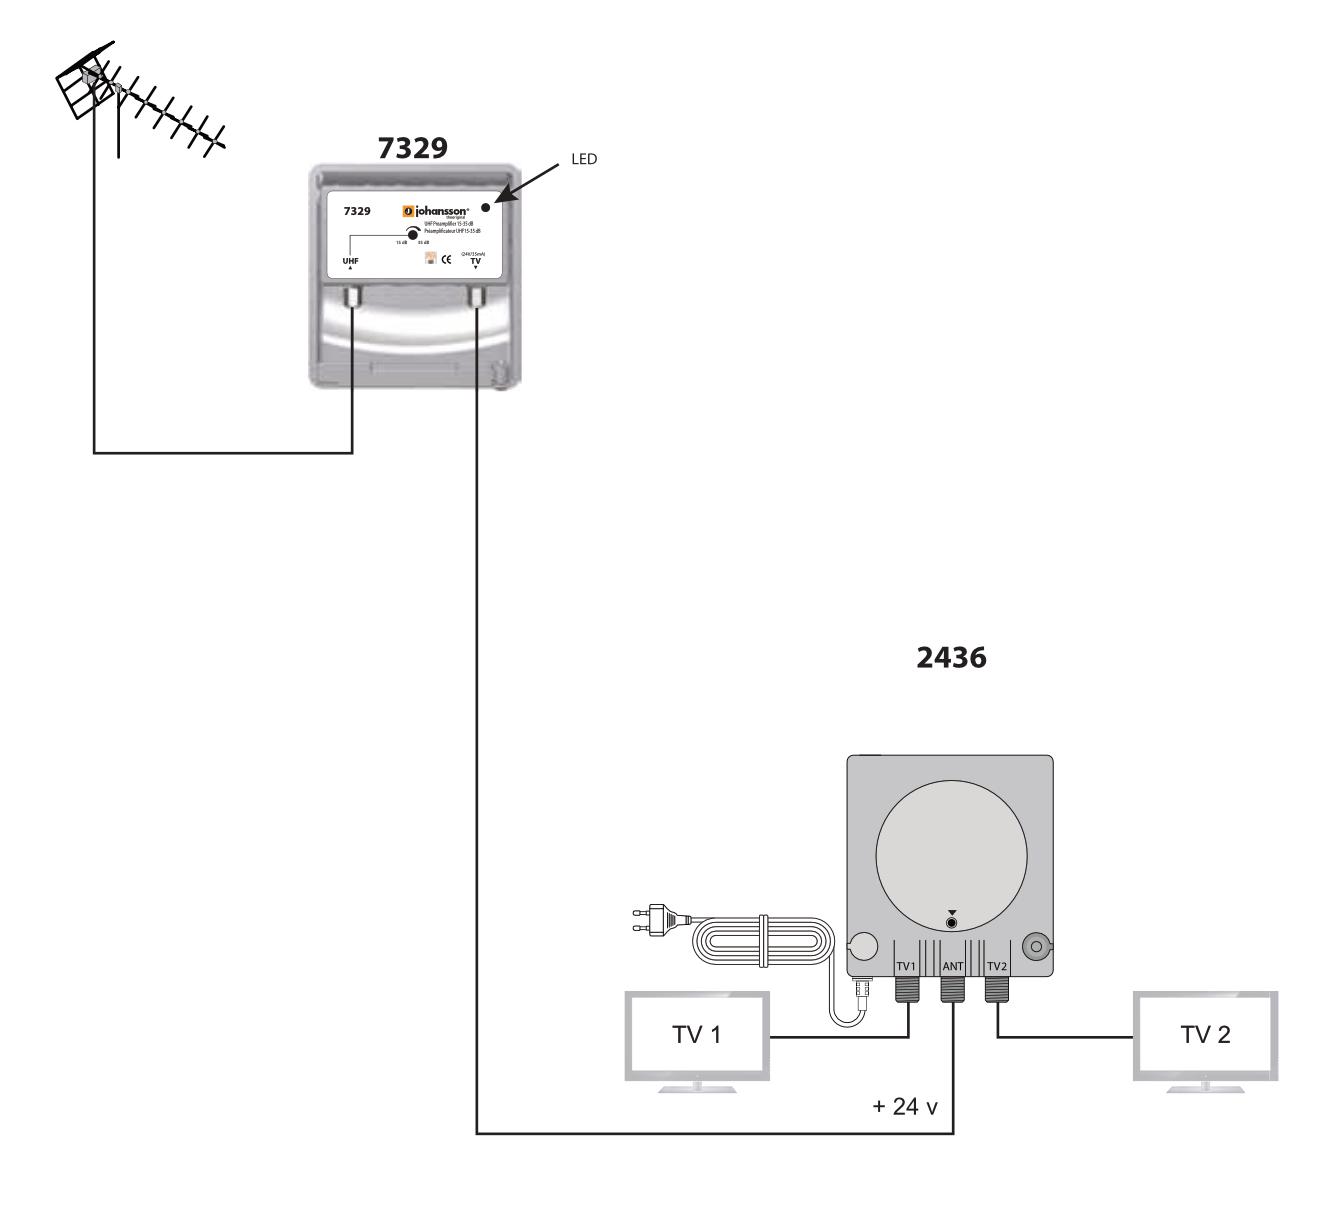 Johansson antenna erősítő LTE és 5G szűrővel - Használata